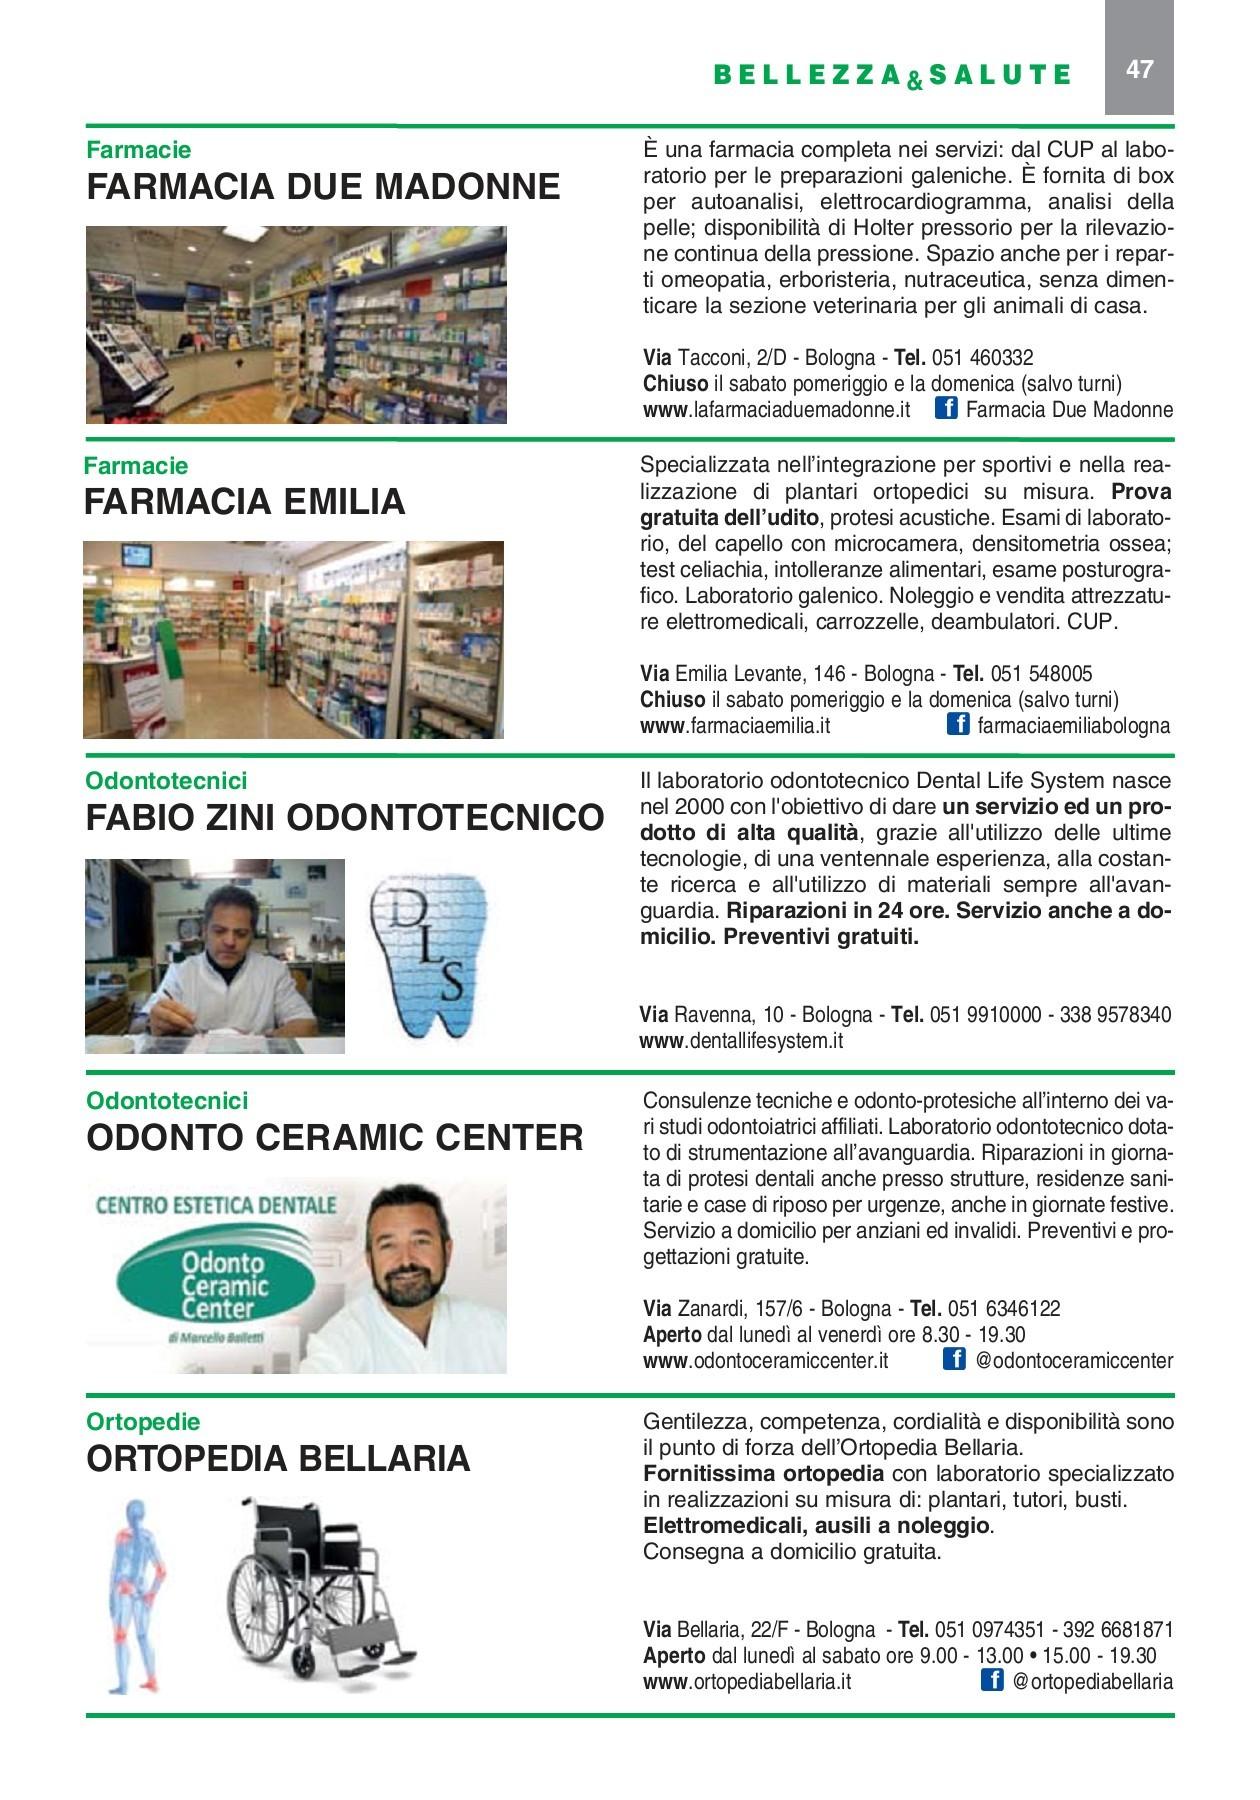 caffè verde in farmacia din moldova